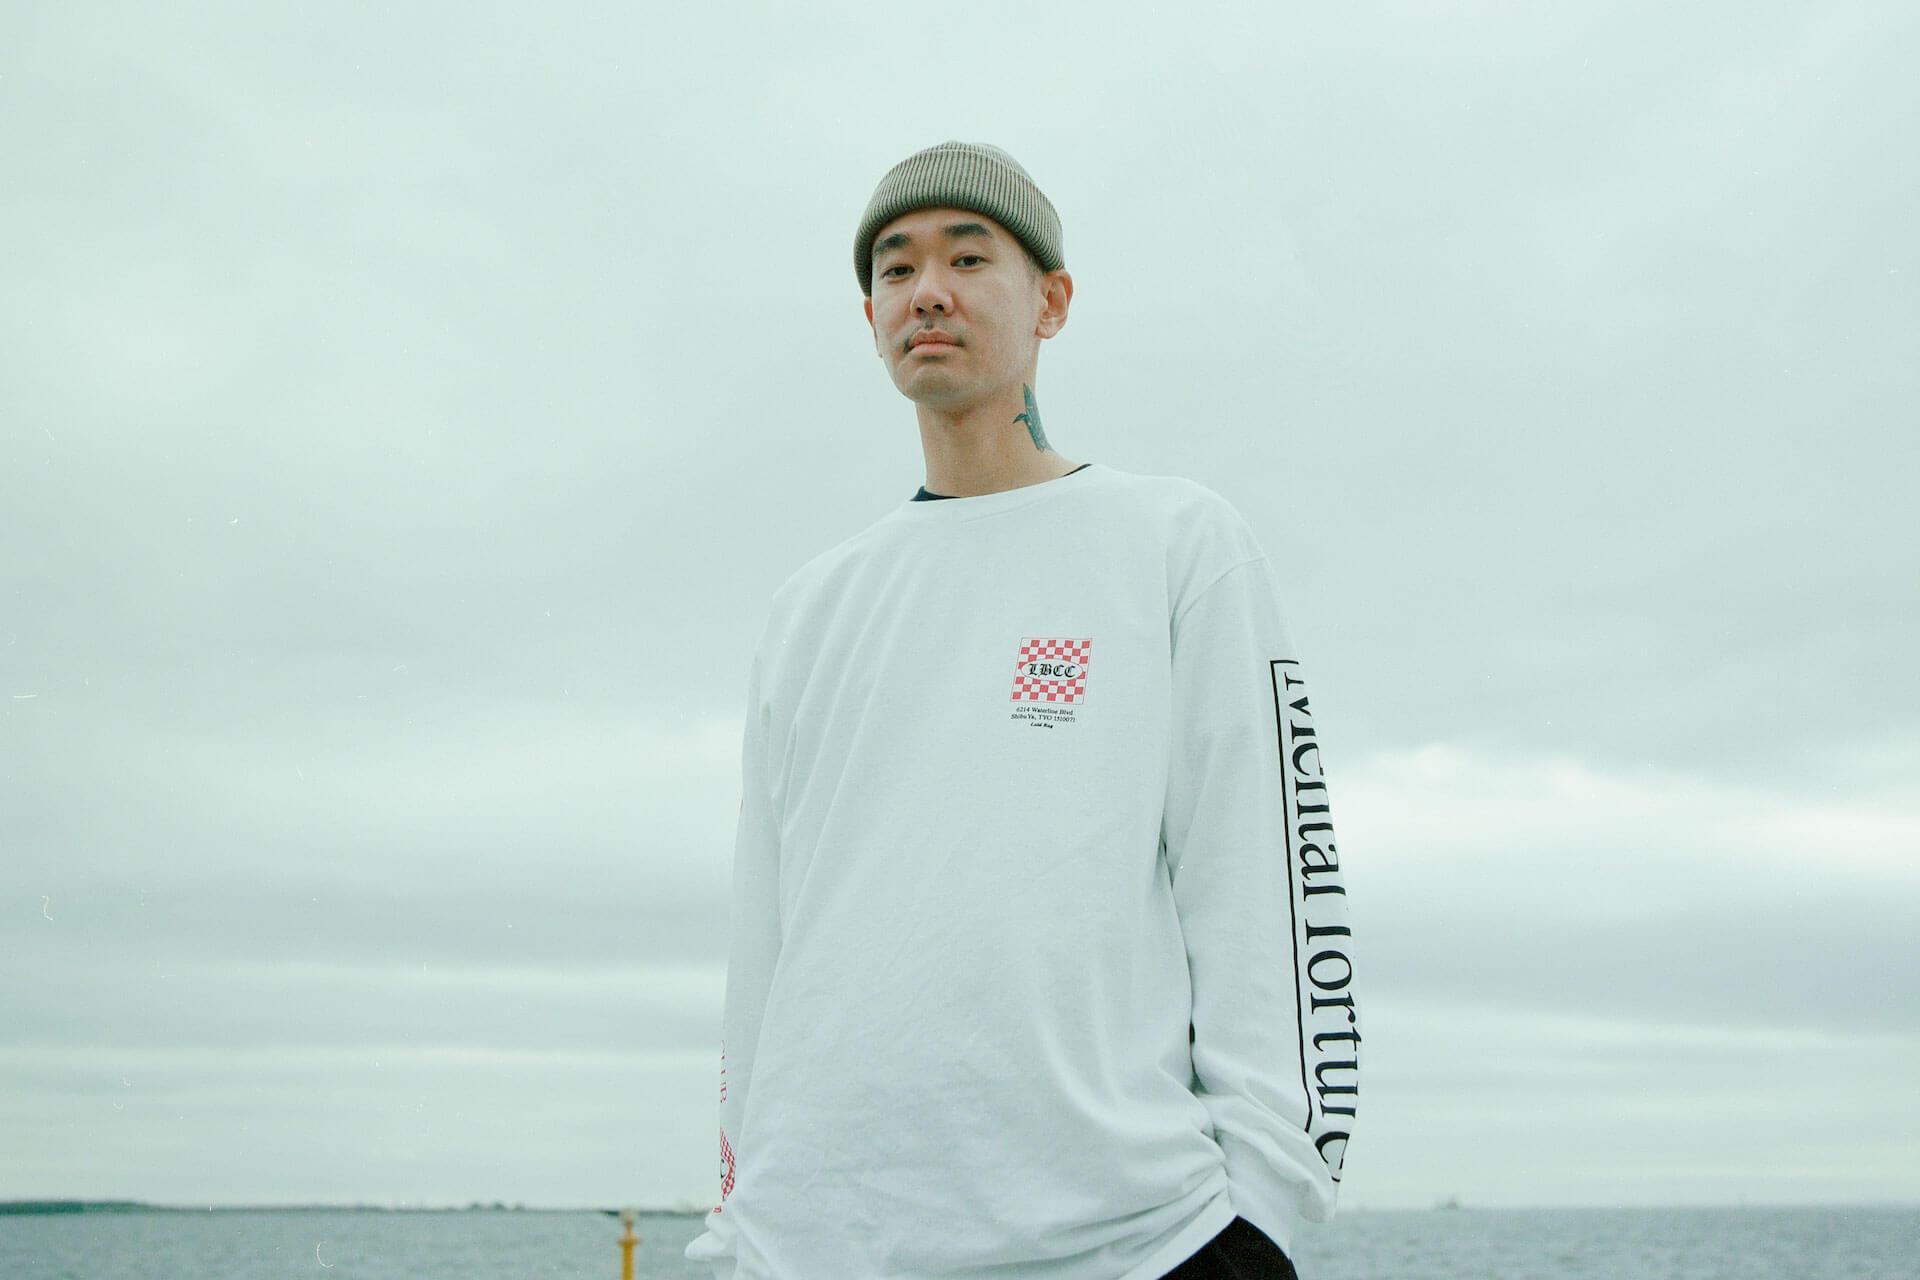 """KMが2ndアルバム『EVERYTHING INSIDE』収録曲""""MYPPL(feat. Daichi Yamamoto)""""のMVをプレミア公開!STUTSらもカメオ出演 music210713_km_daichiyamamoto_2"""